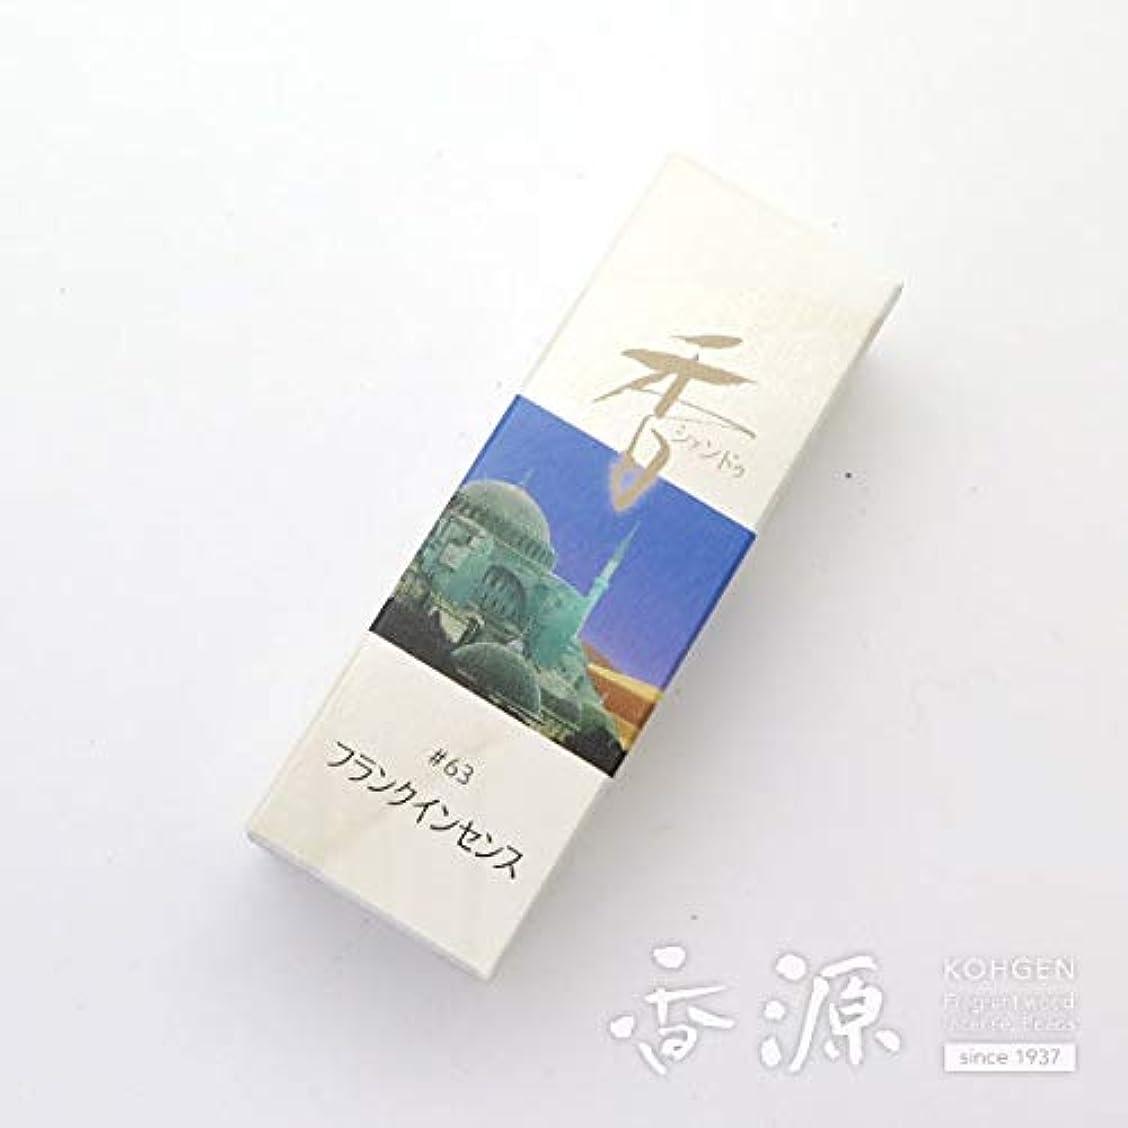 きつく抜粋スクリューXiang Do(シャンドゥ) 松栄堂のお香 フランクインセンス ST20本入 簡易香立付 #214263